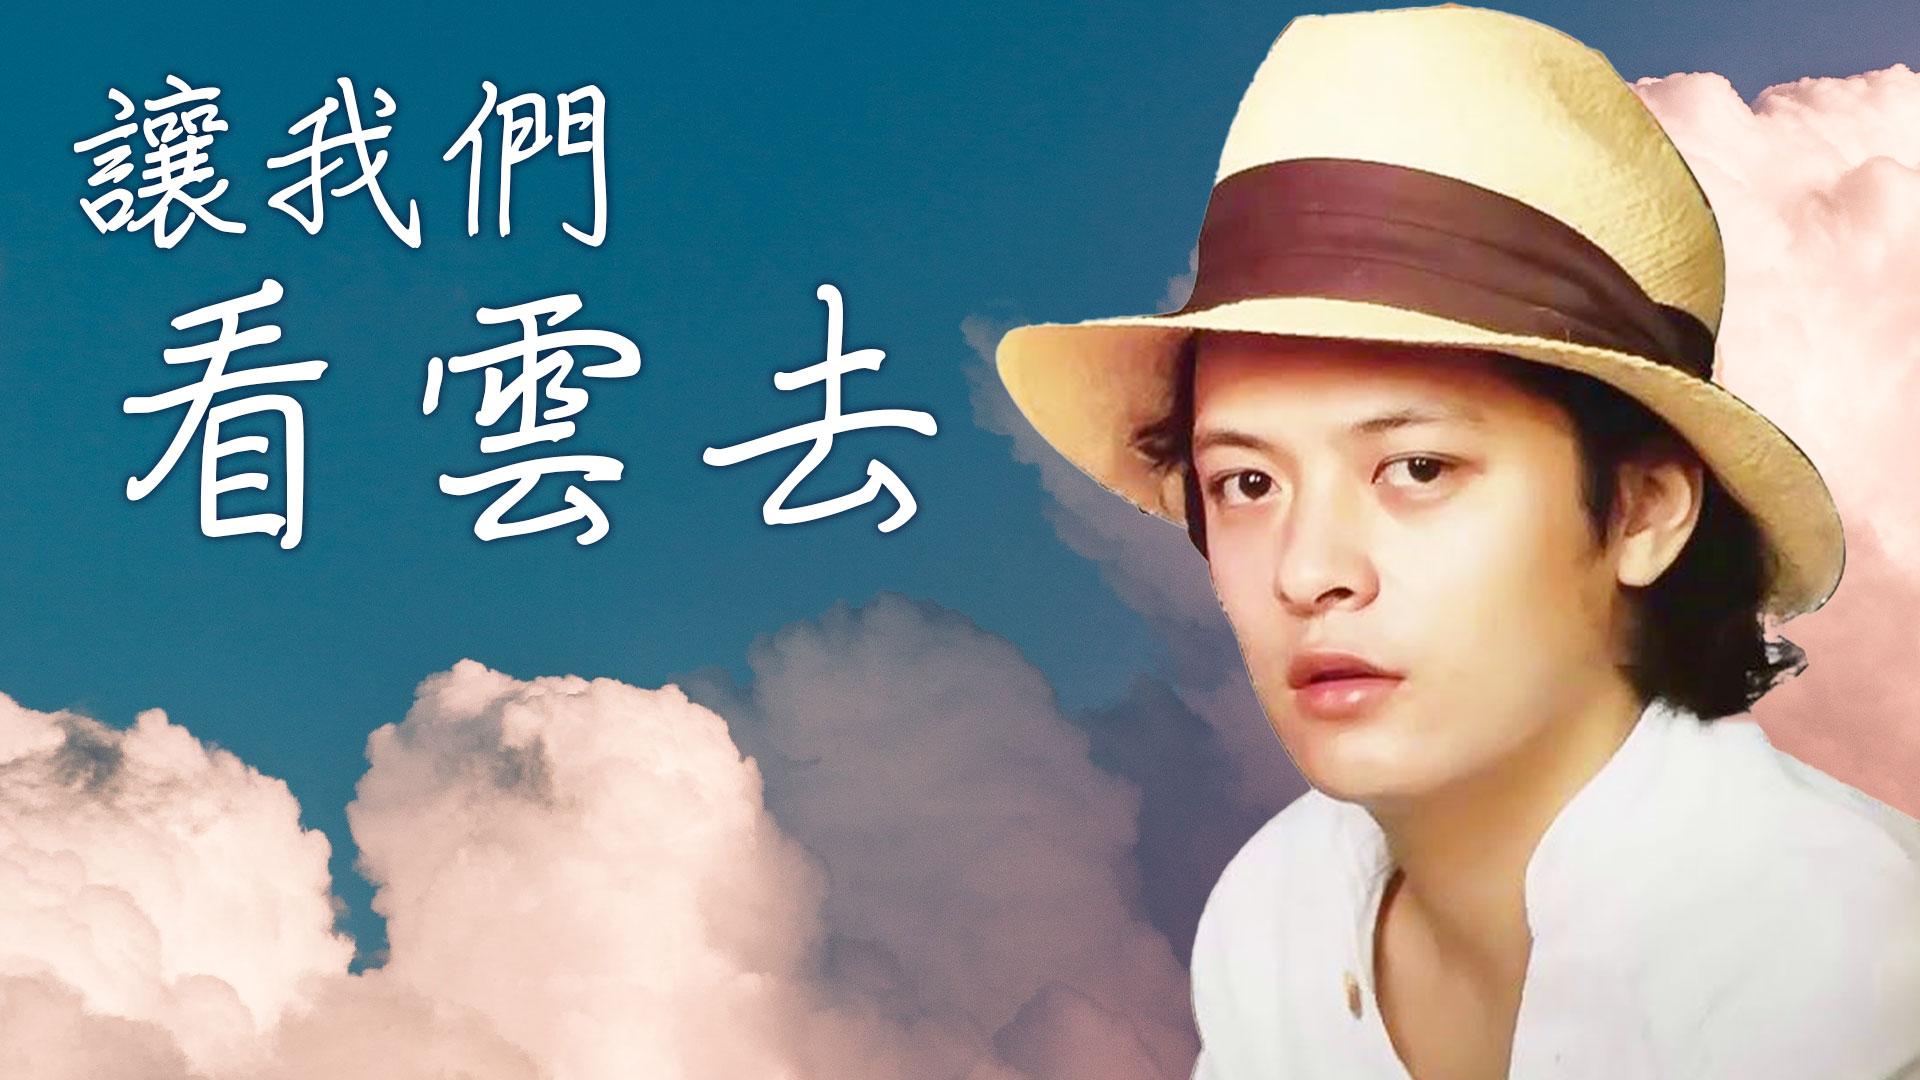 劉文正 讓我們看雲去[HD]